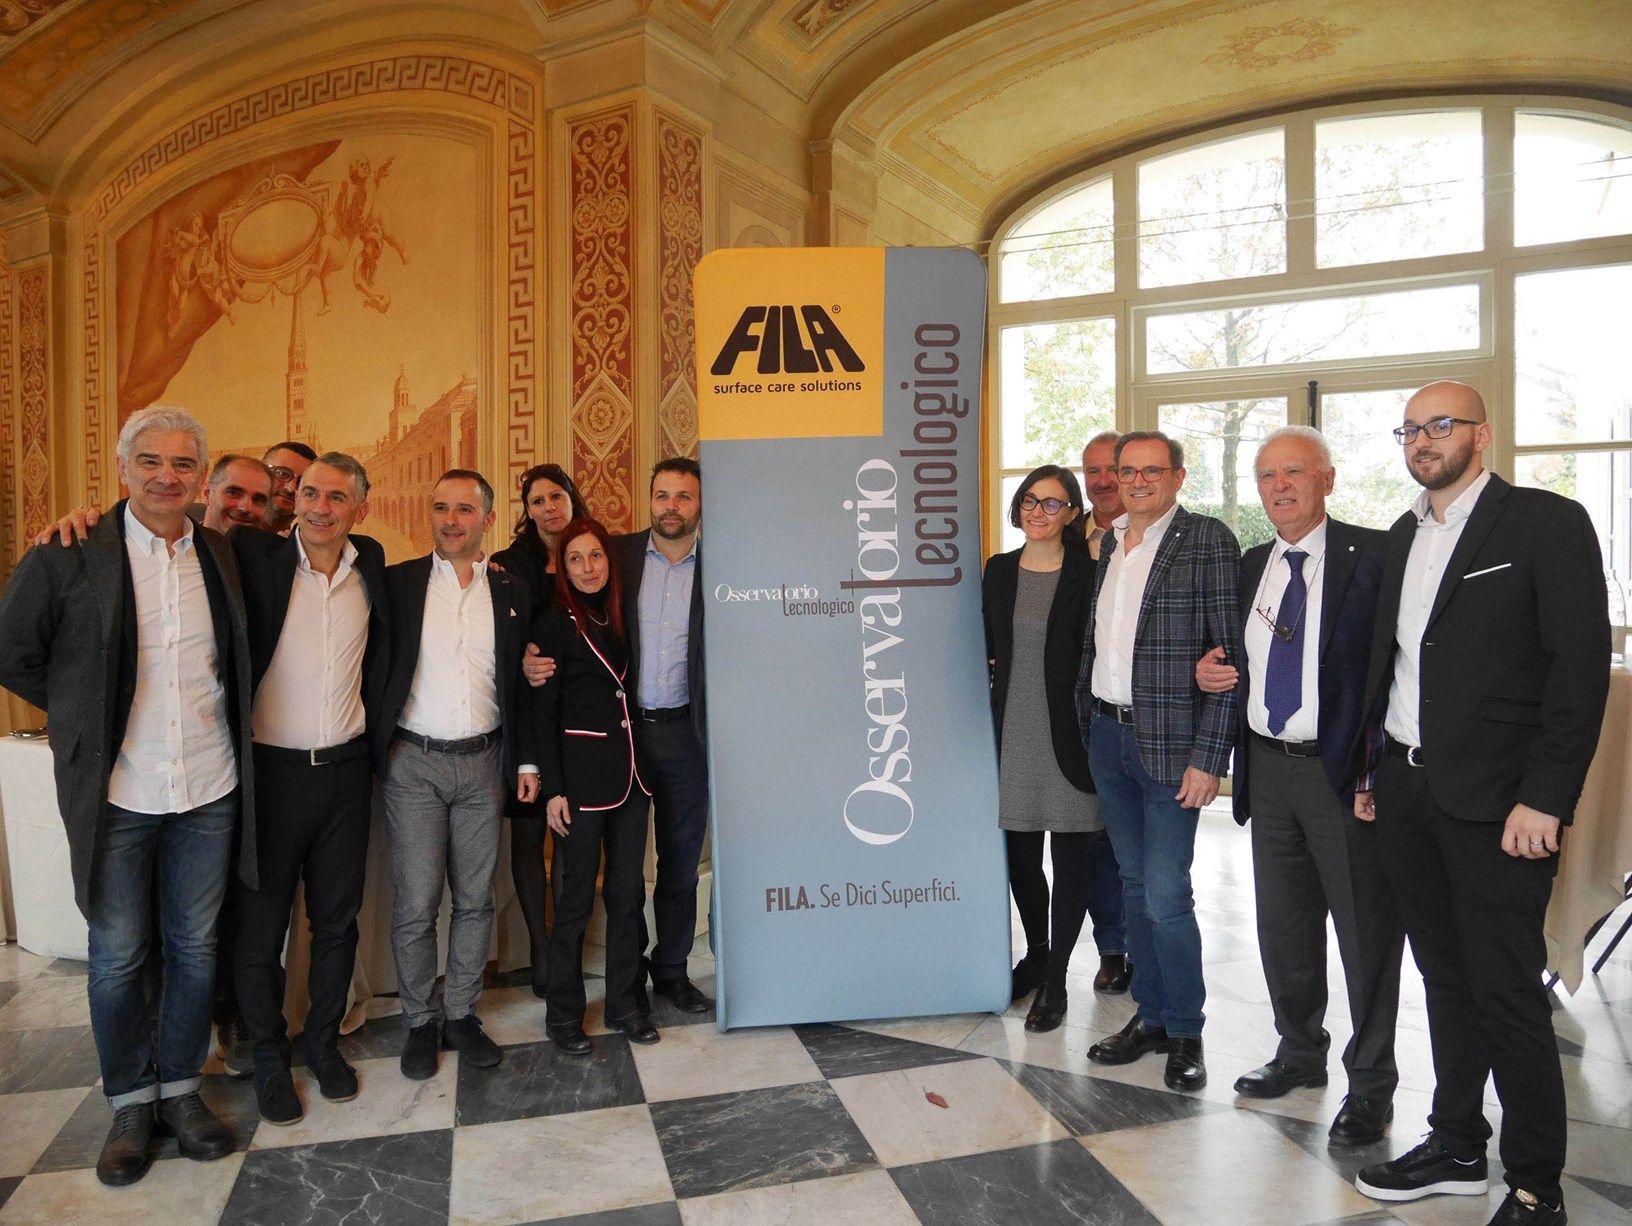 FILA per l'Osservatorio Tecnologico: la sinergia tra gli attori del fine linea